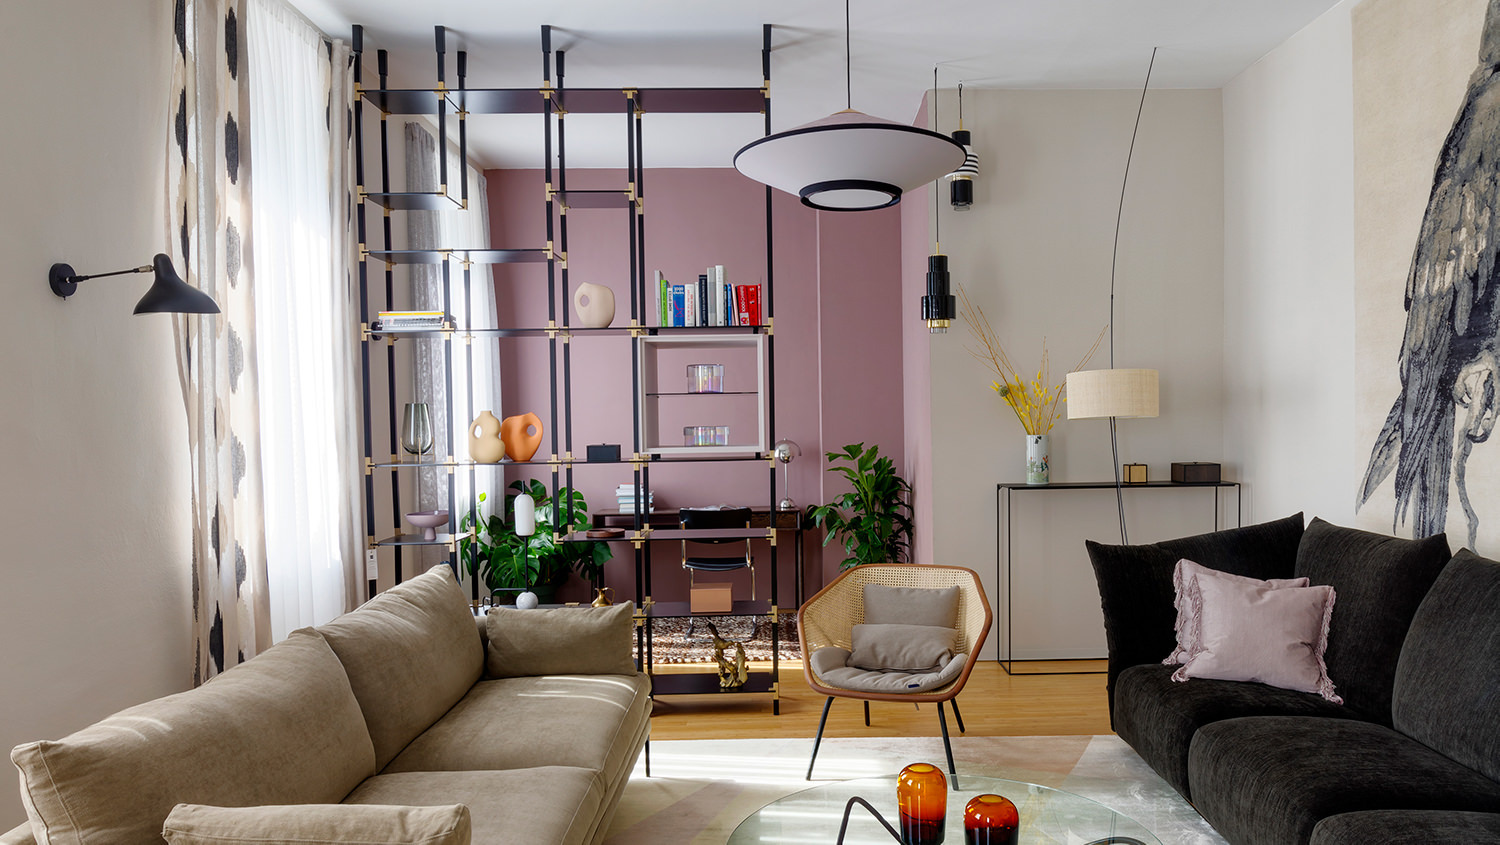 Ein tRACK Regalsystem dient im Wohnzimmer als Raumtrenner und bietet Platz für Bücher und Skulpturen.